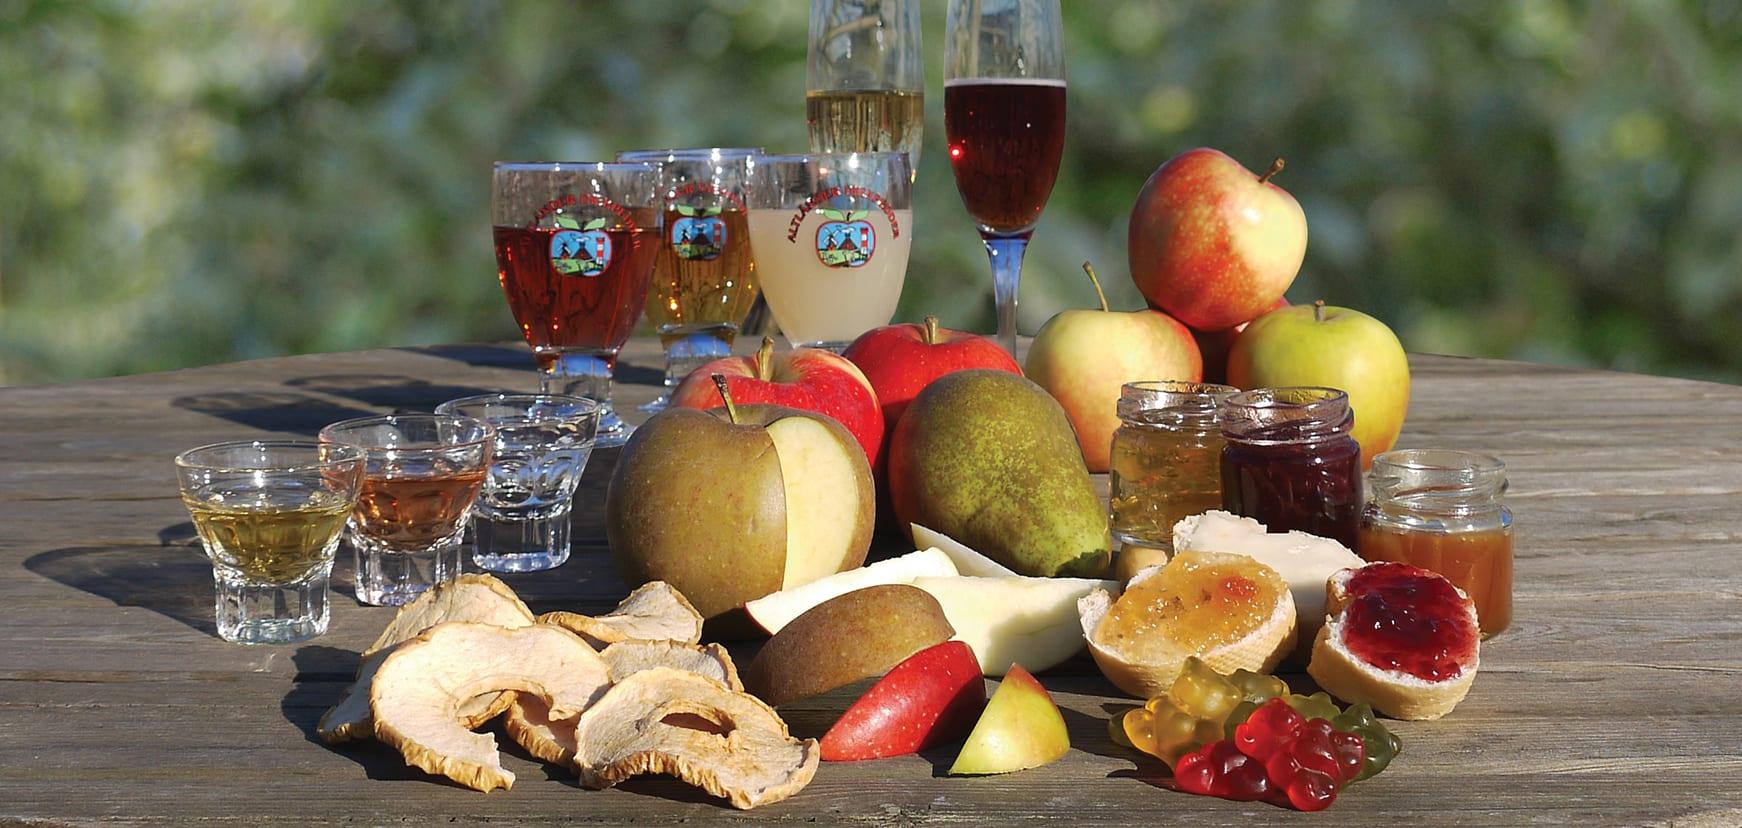 Kostproben aus Altländer Produkten